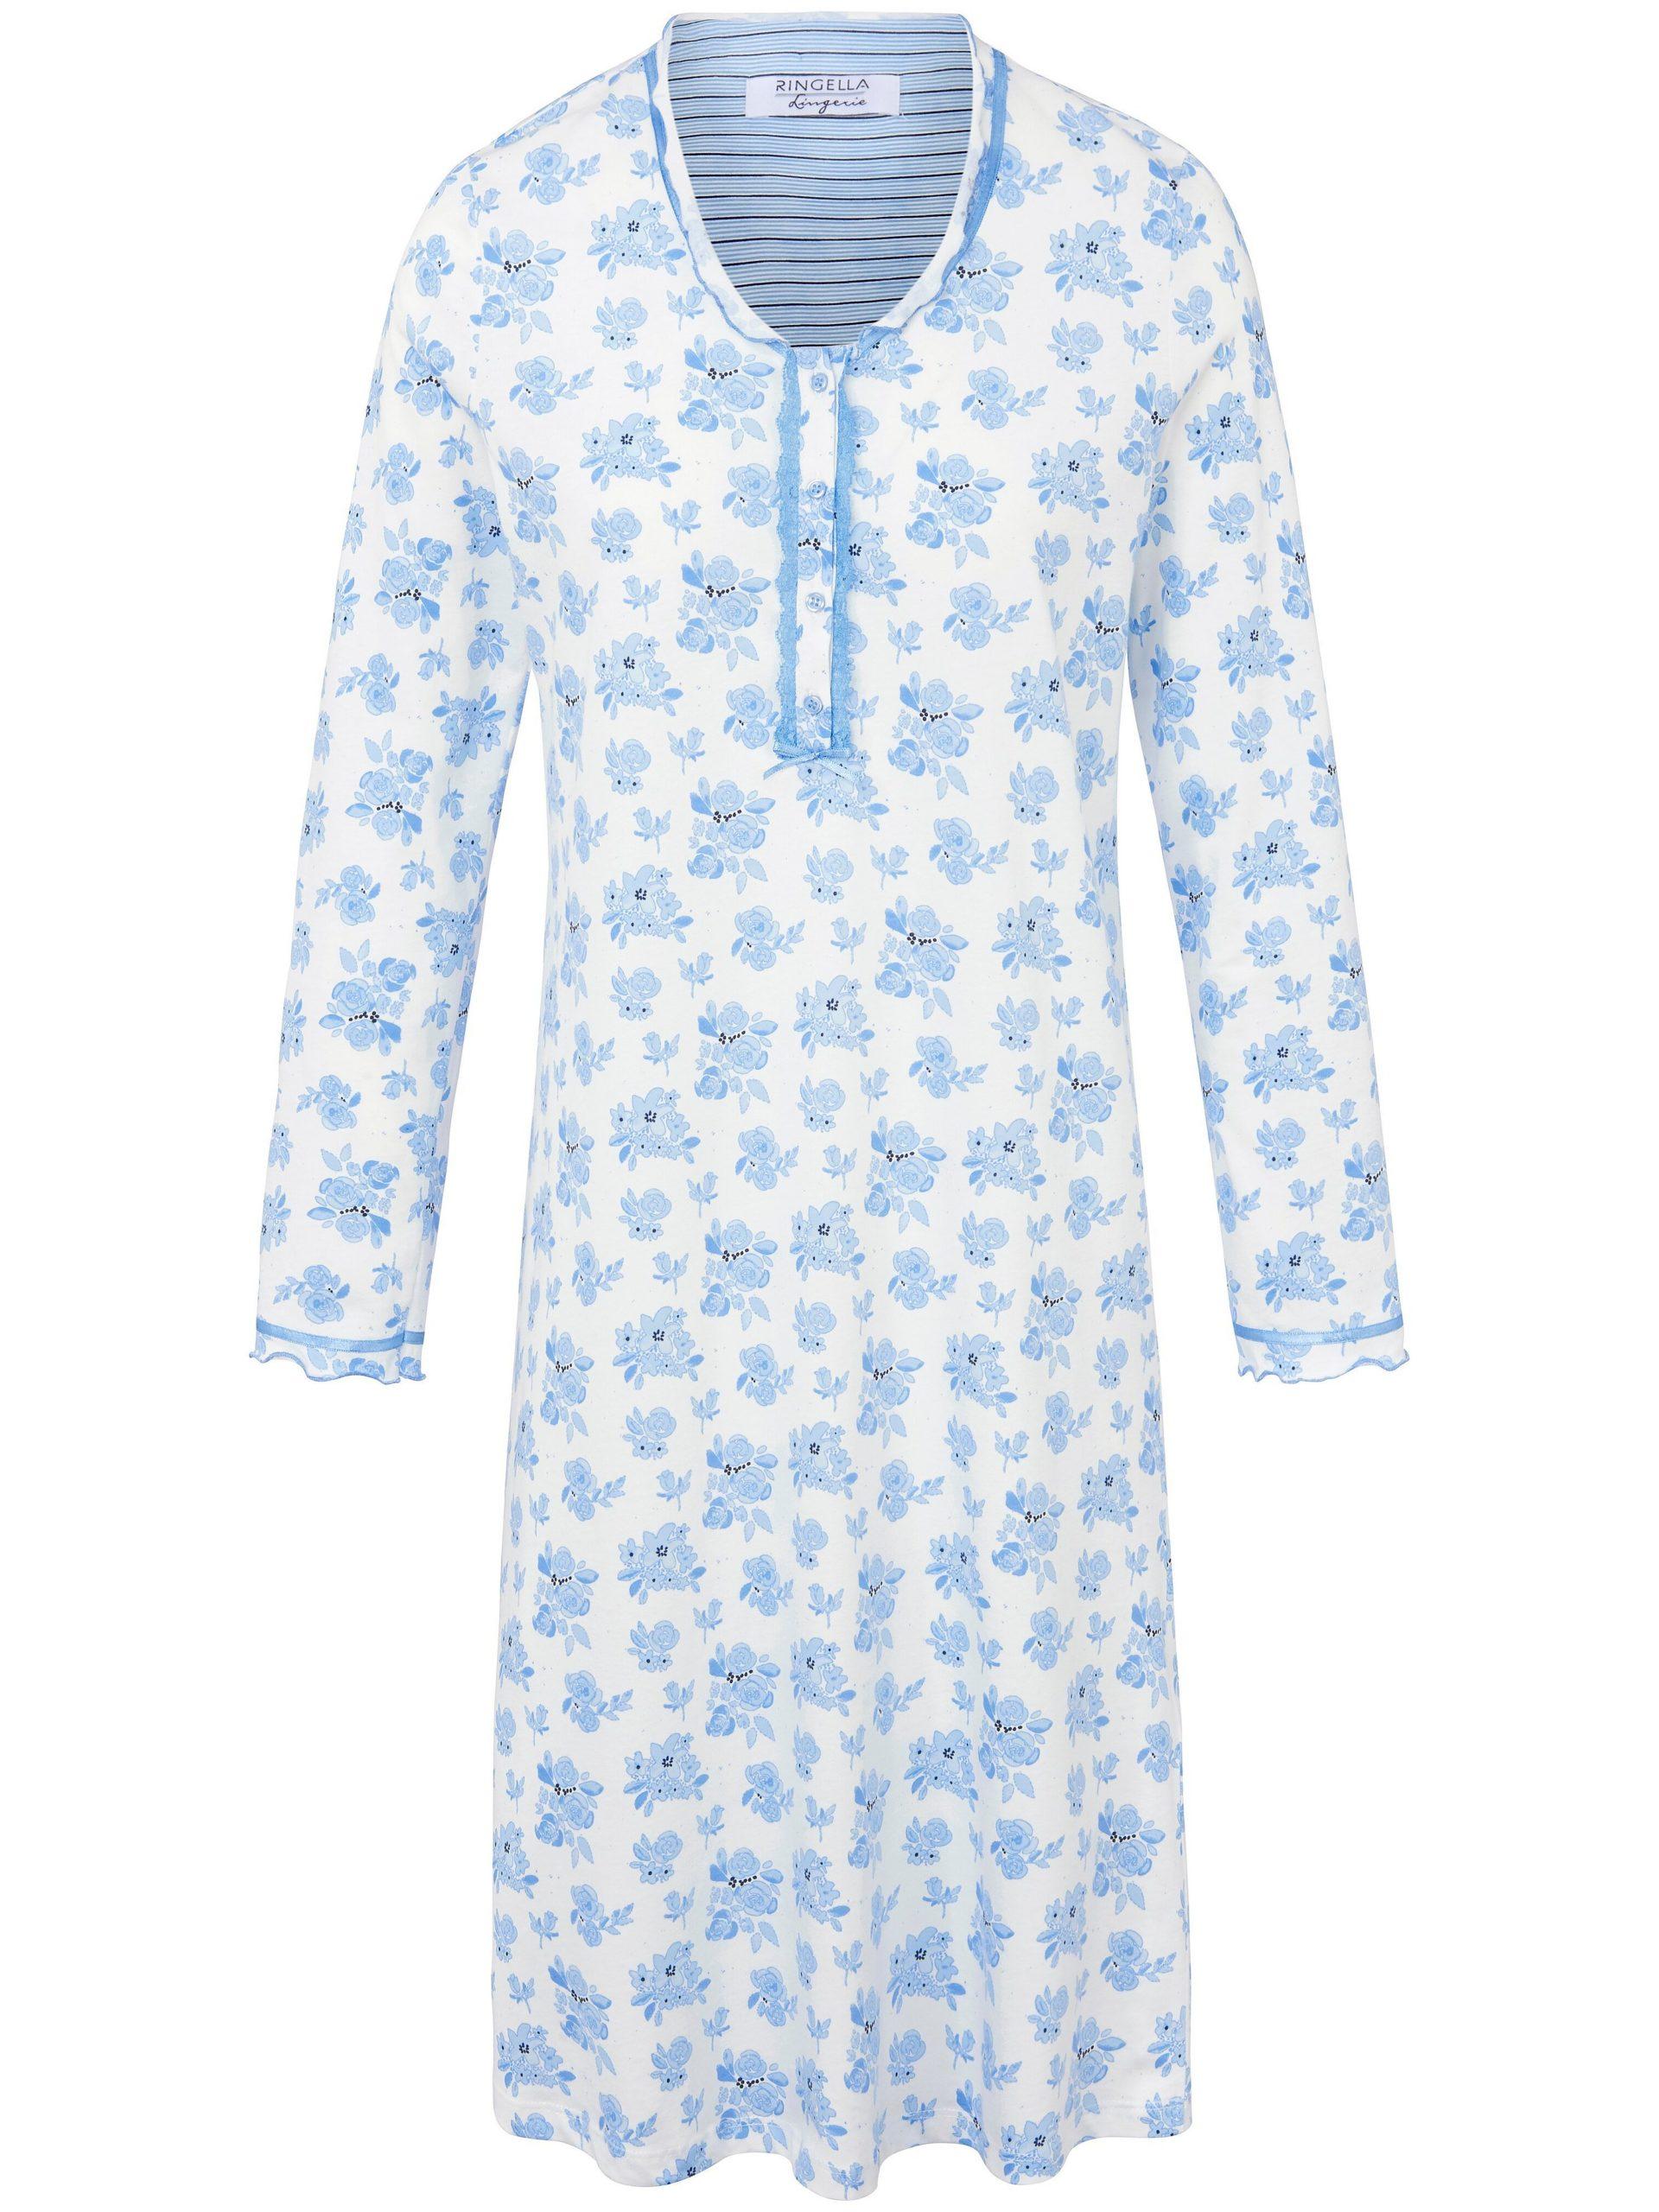 Nachthemd Van Ringella blauw Kopen